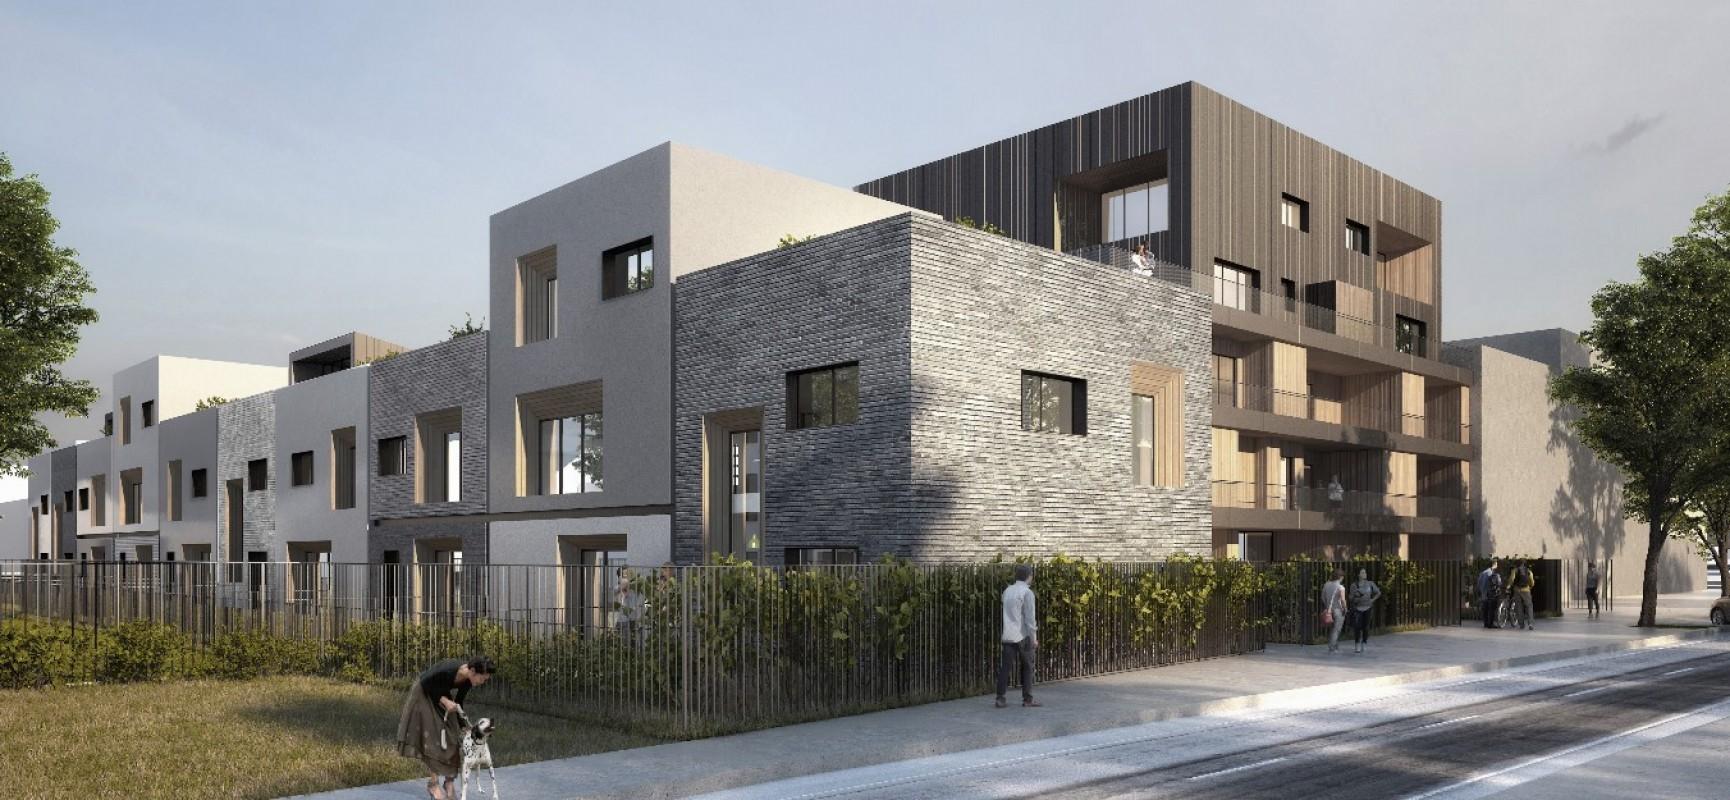 Pi tri architectes dessinera l 39 une des r sidences de la - Garage anatole france villeneuve saint georges ...